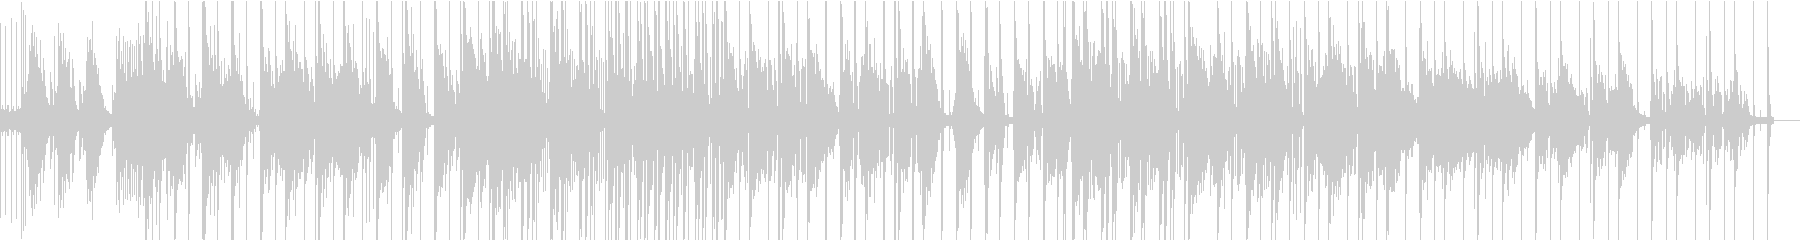 ガーリーでお洒落なLo-Fi チルの未再生の波形